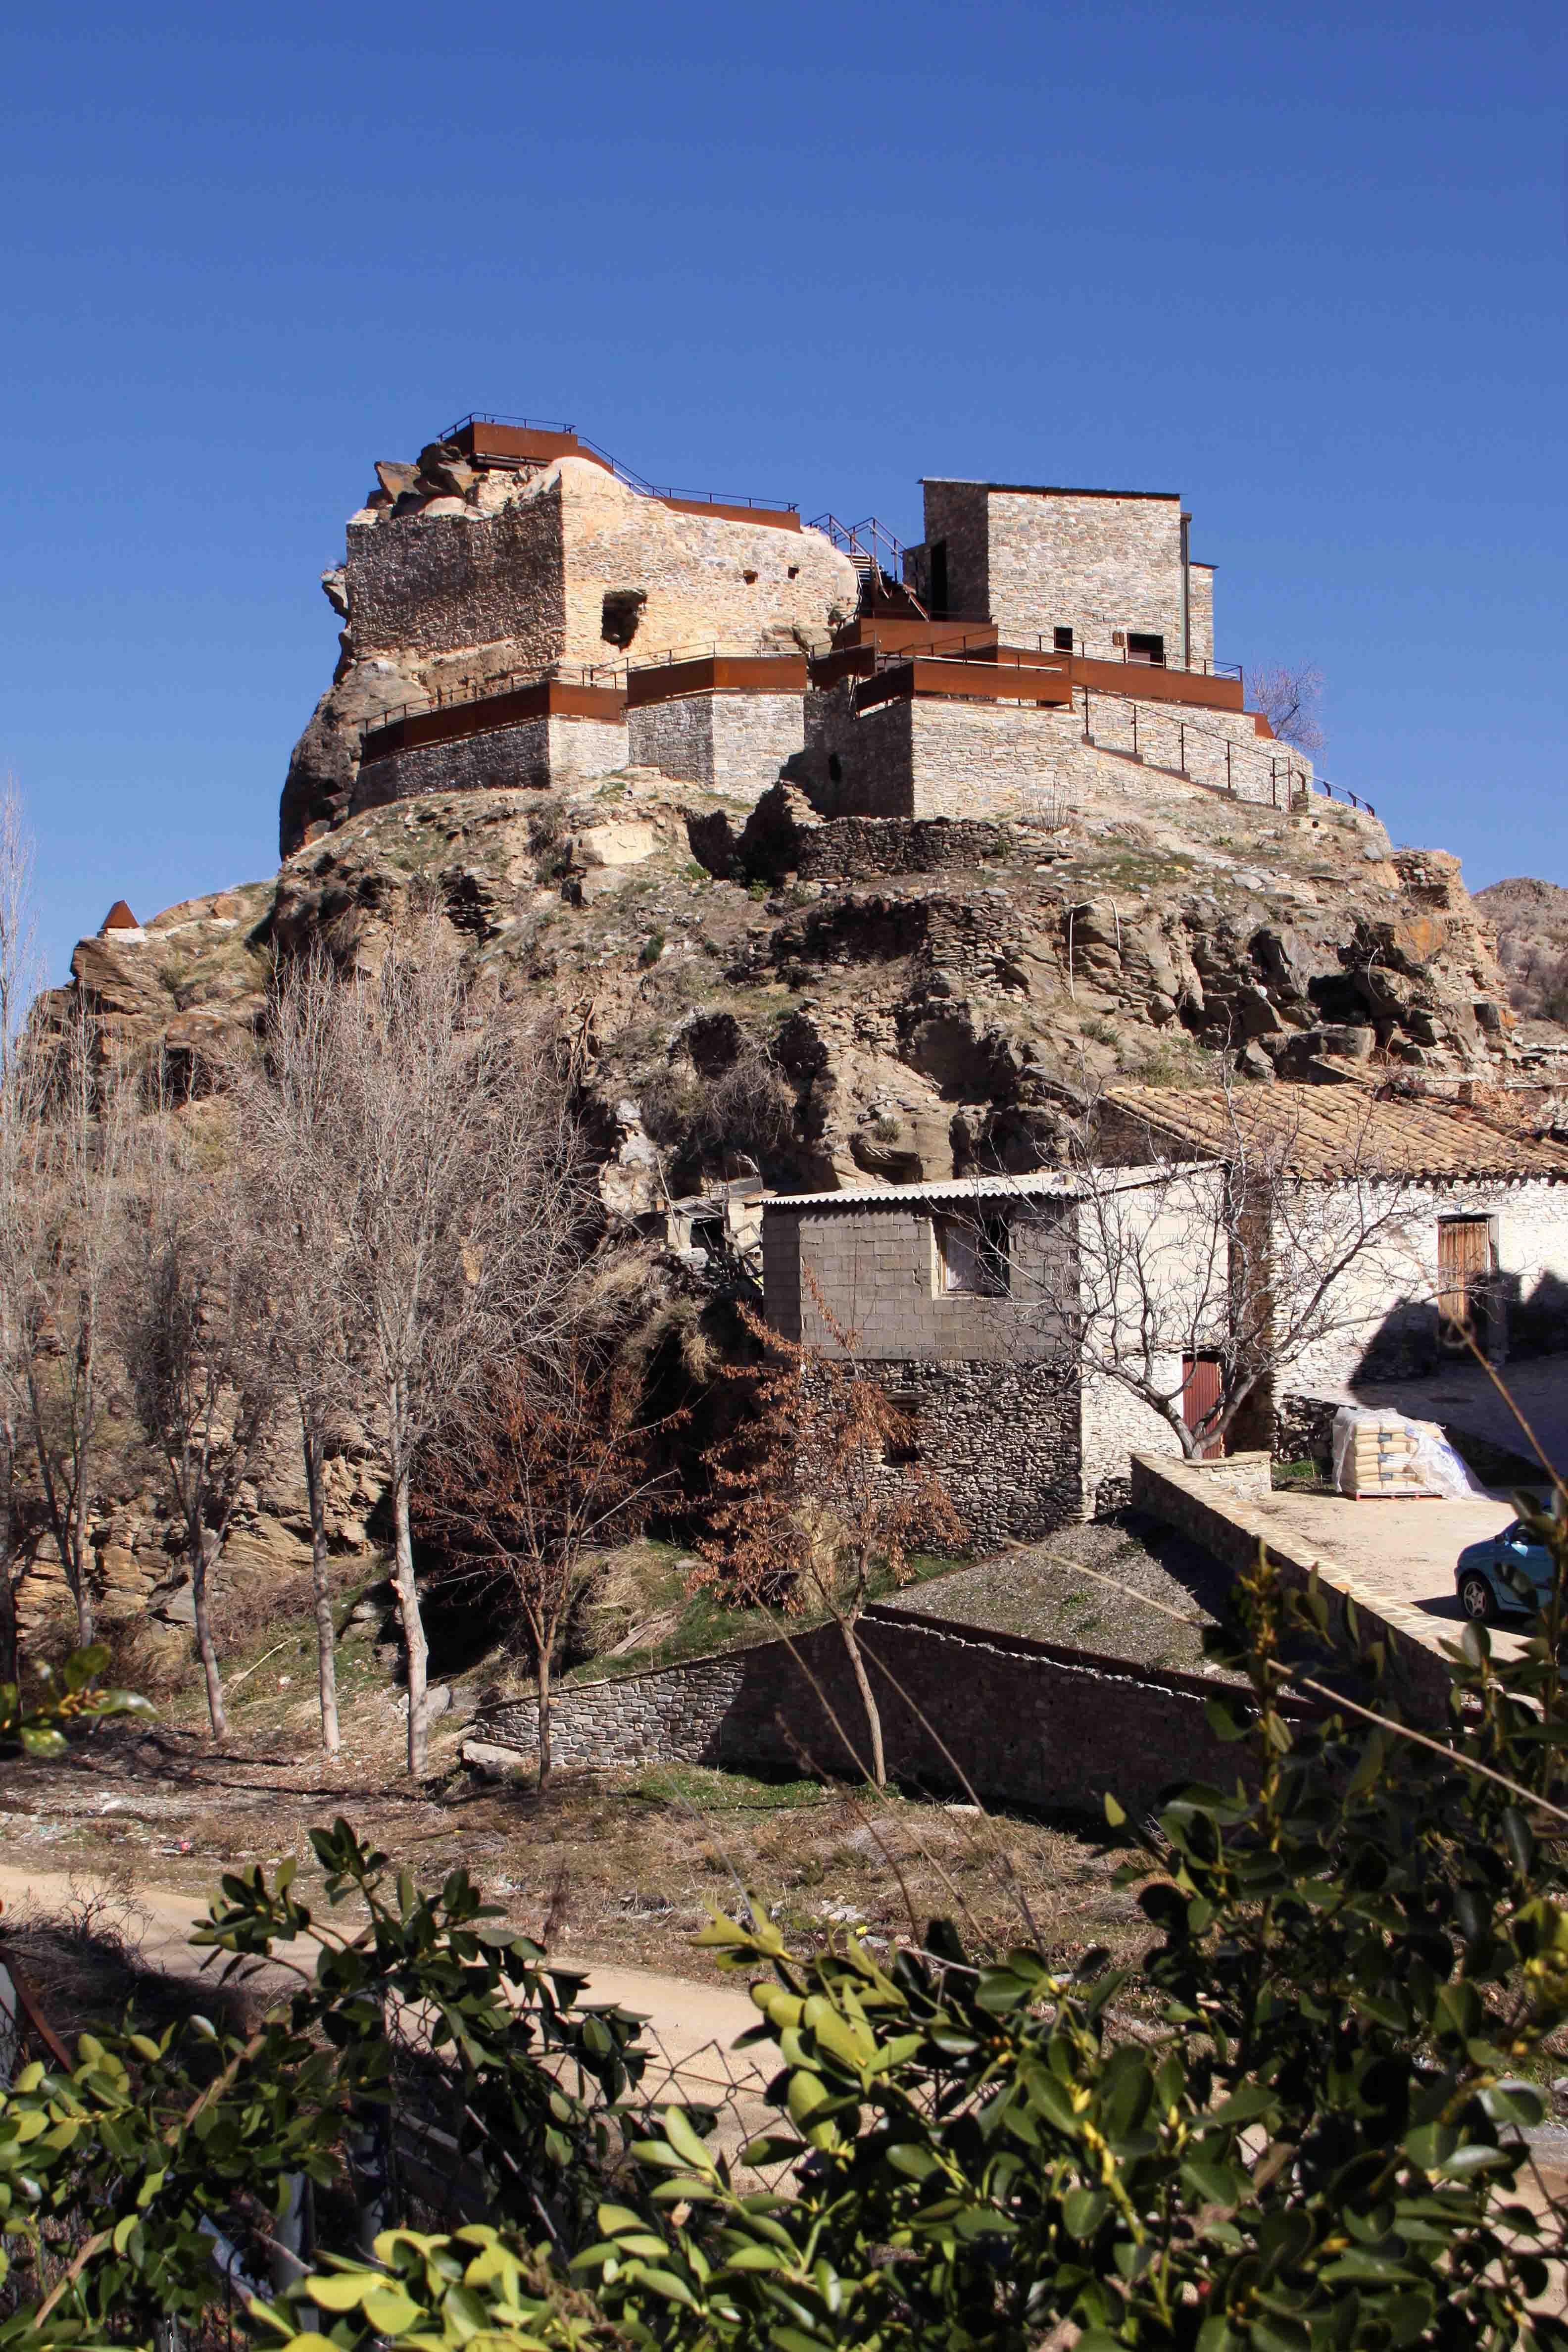 Volumen del castillo recientemente rehabilitado. © Fotografía: Pako Manzano